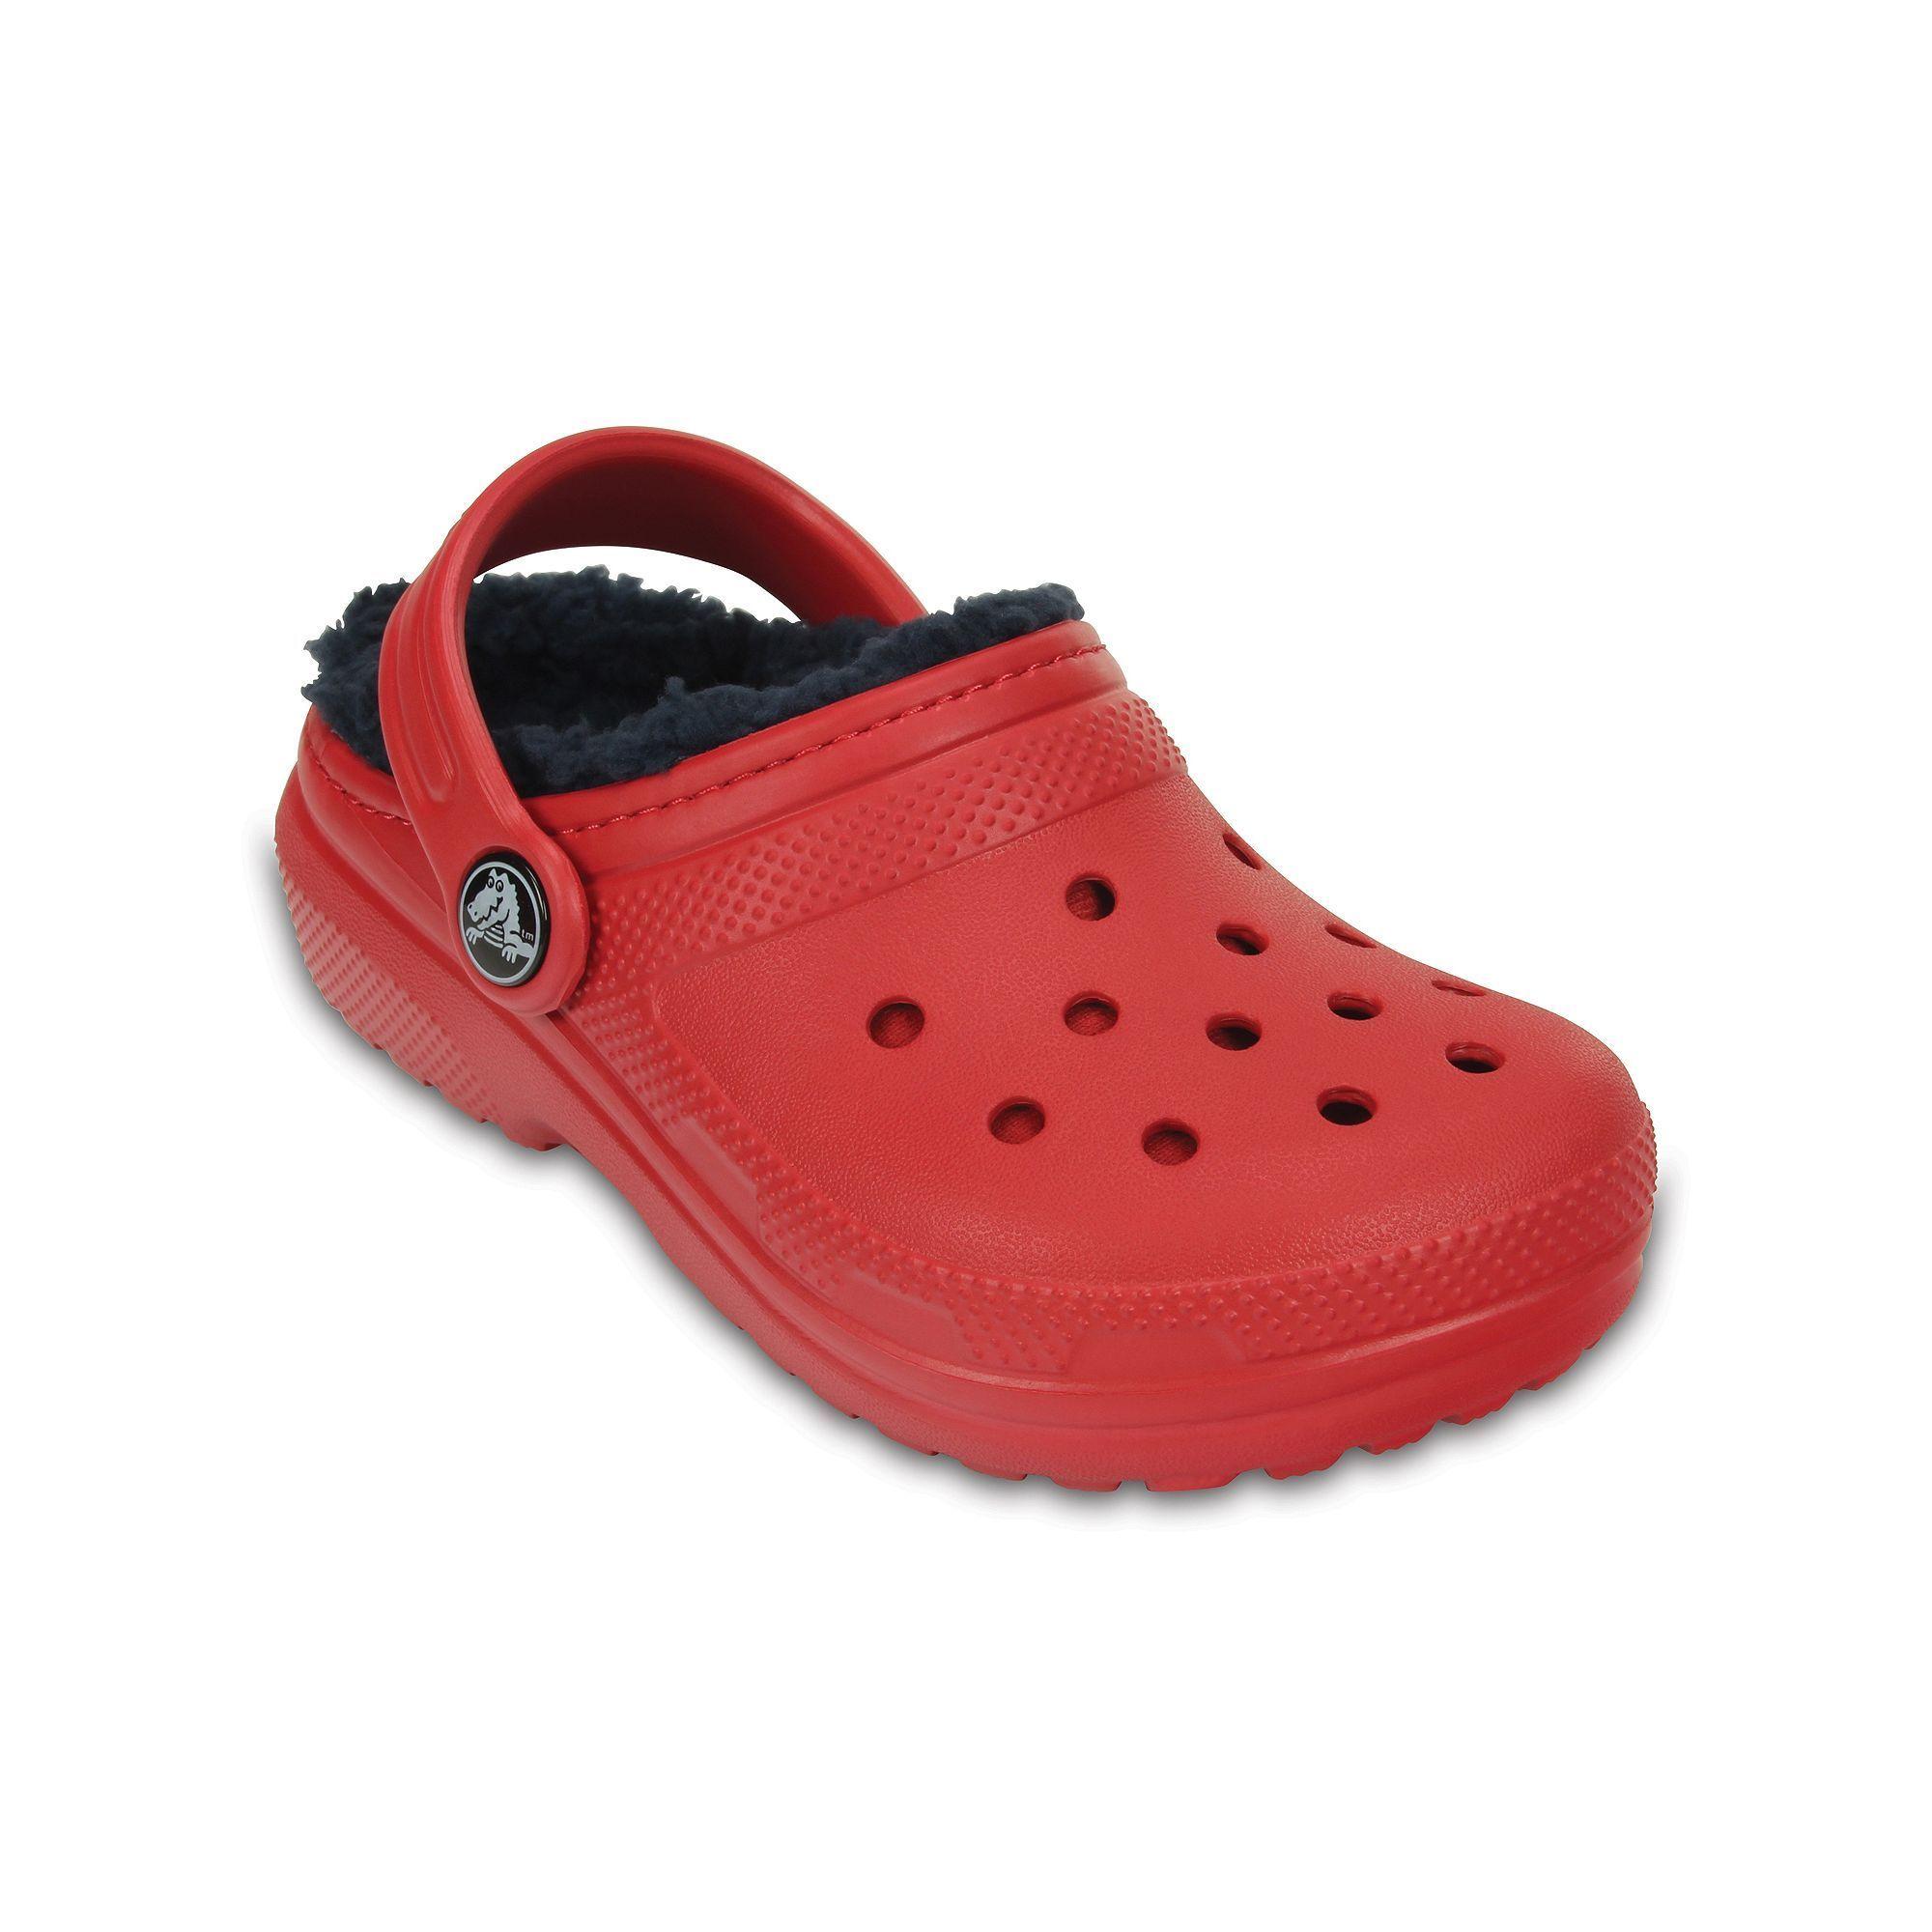 e329621d46e1 Crocs Classic Lined Boys  Clogs